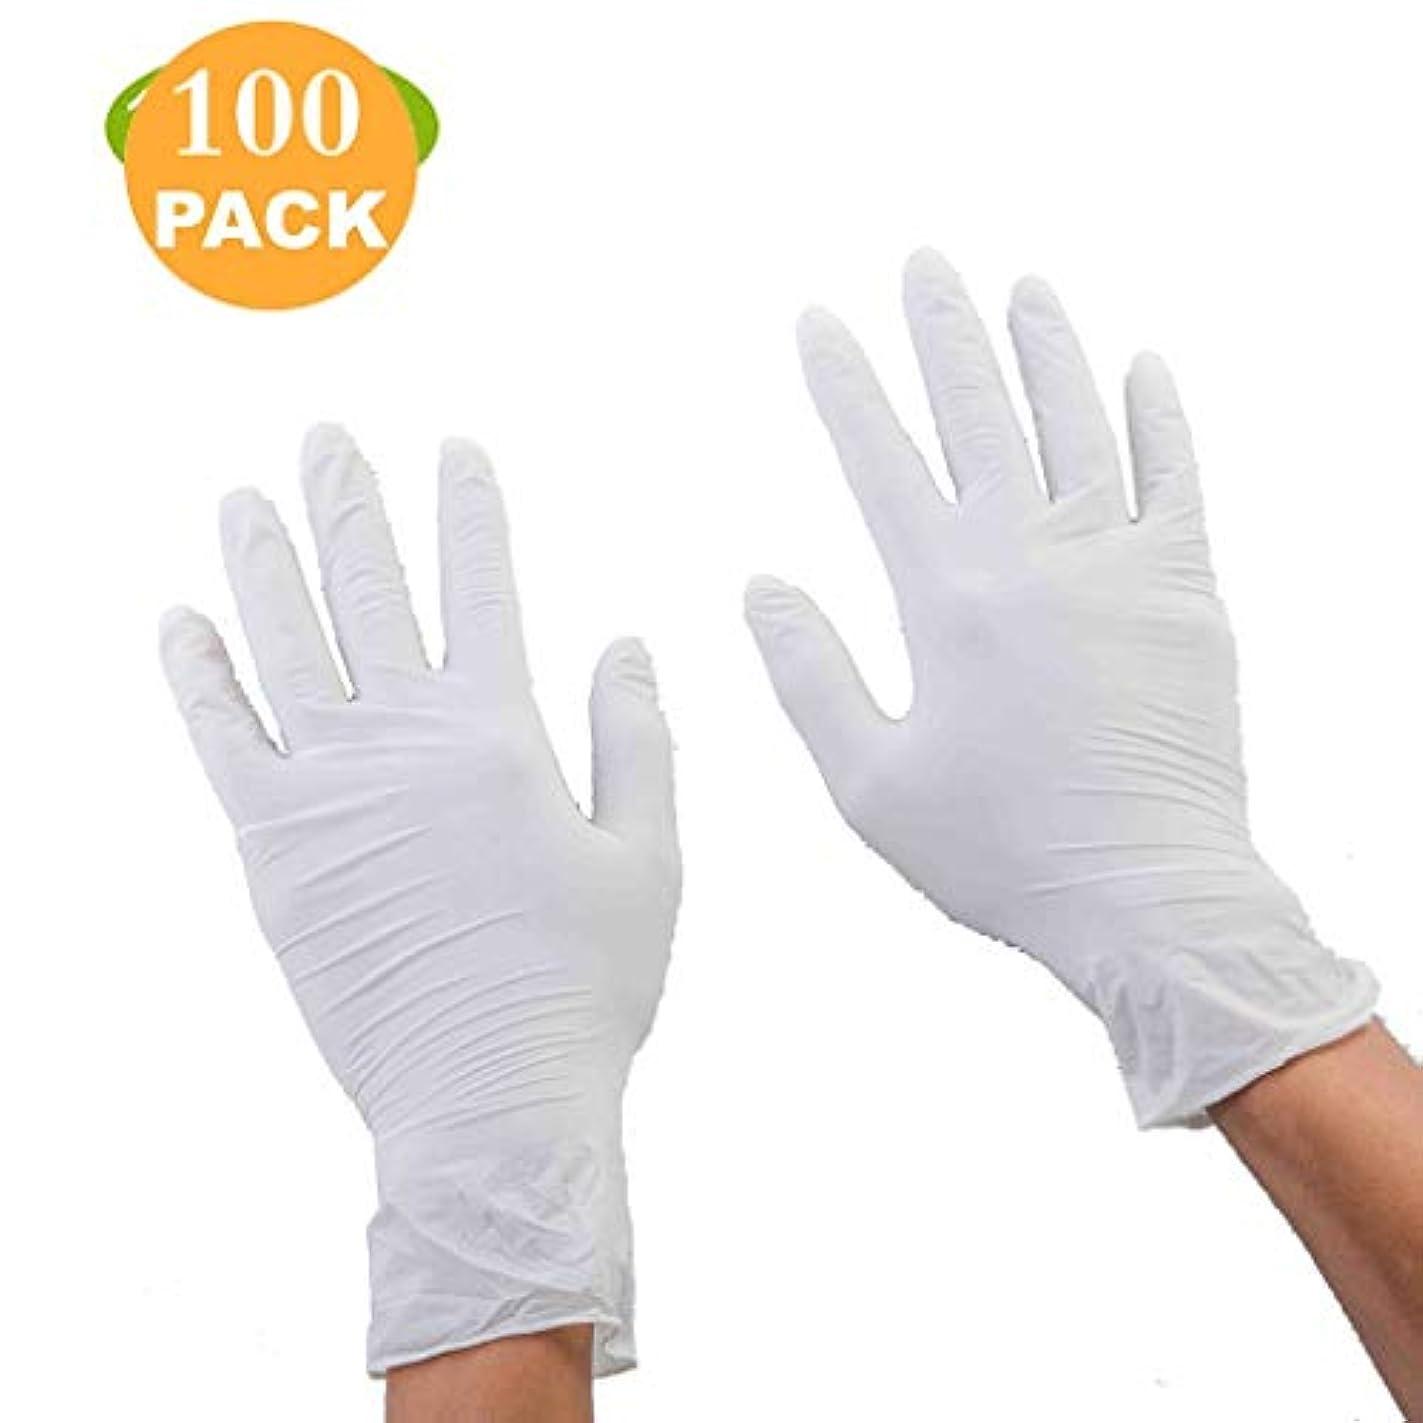 拡張トリム悪性腫瘍ニトリル使い捨て12インチの厚さのゴム食品加工手袋ホワイト耐性-100パーボックス (Color : Blue, Size : M)